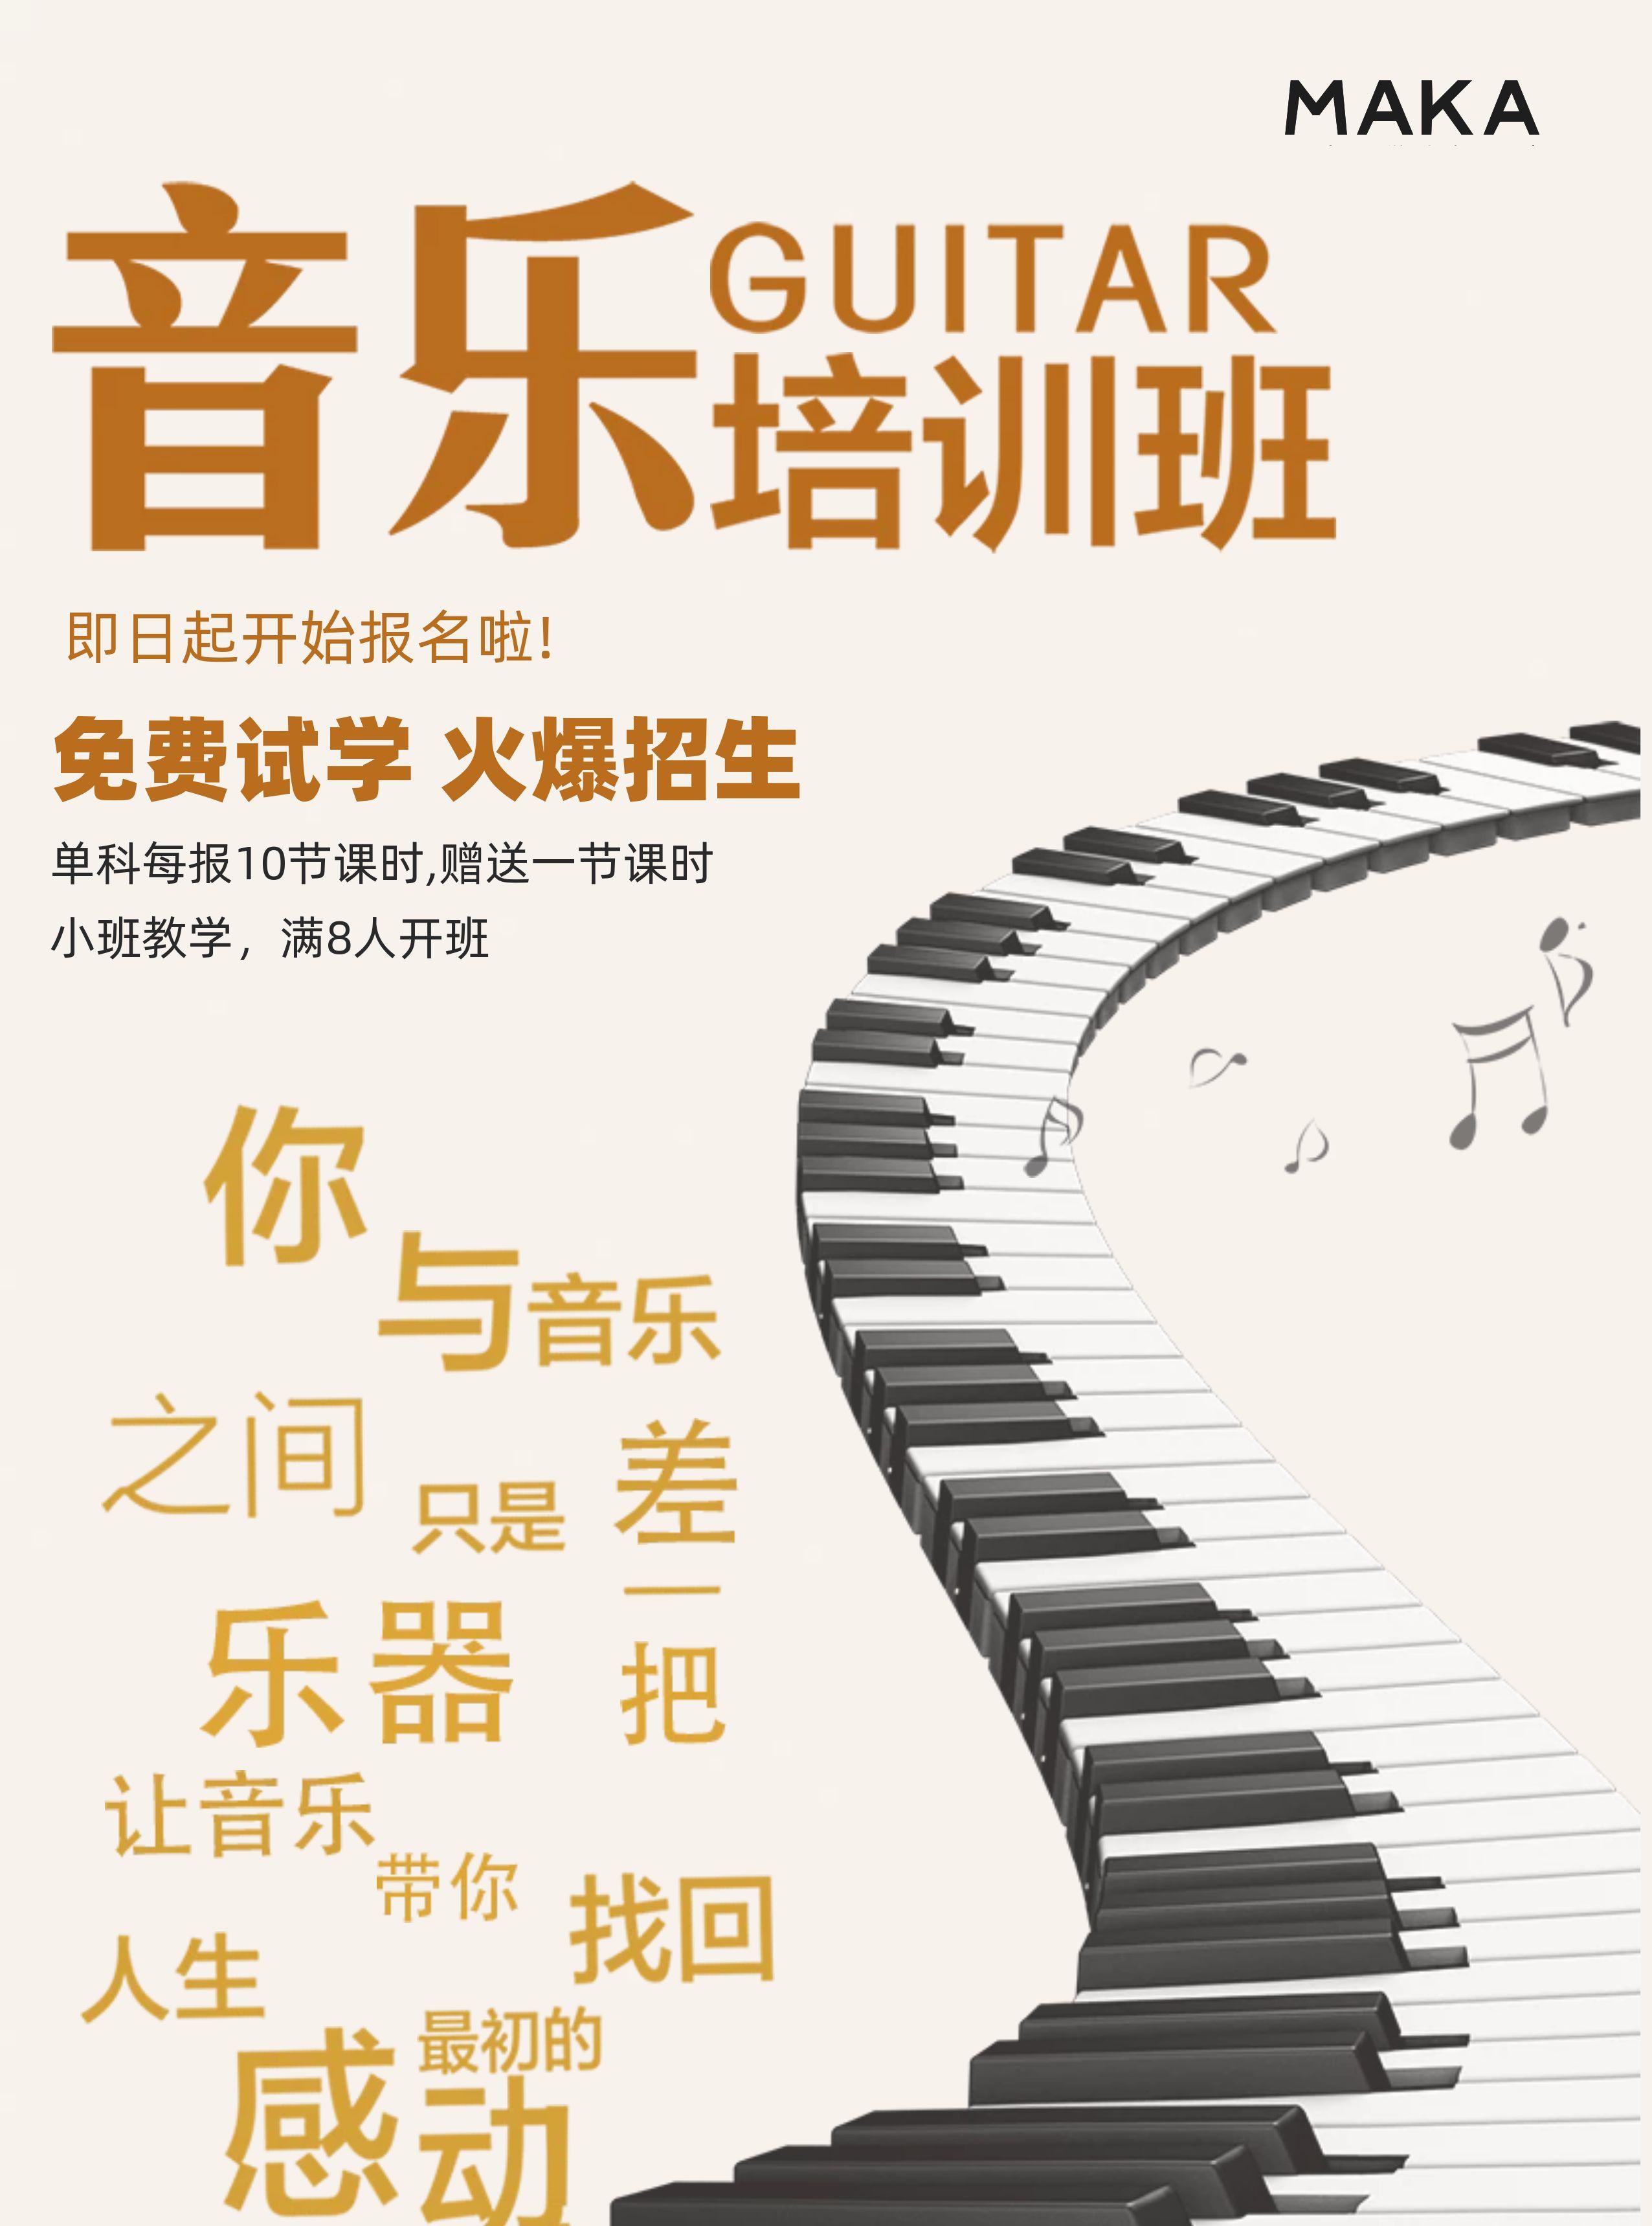 黄色创意音乐培训班招生推广宣传单模板